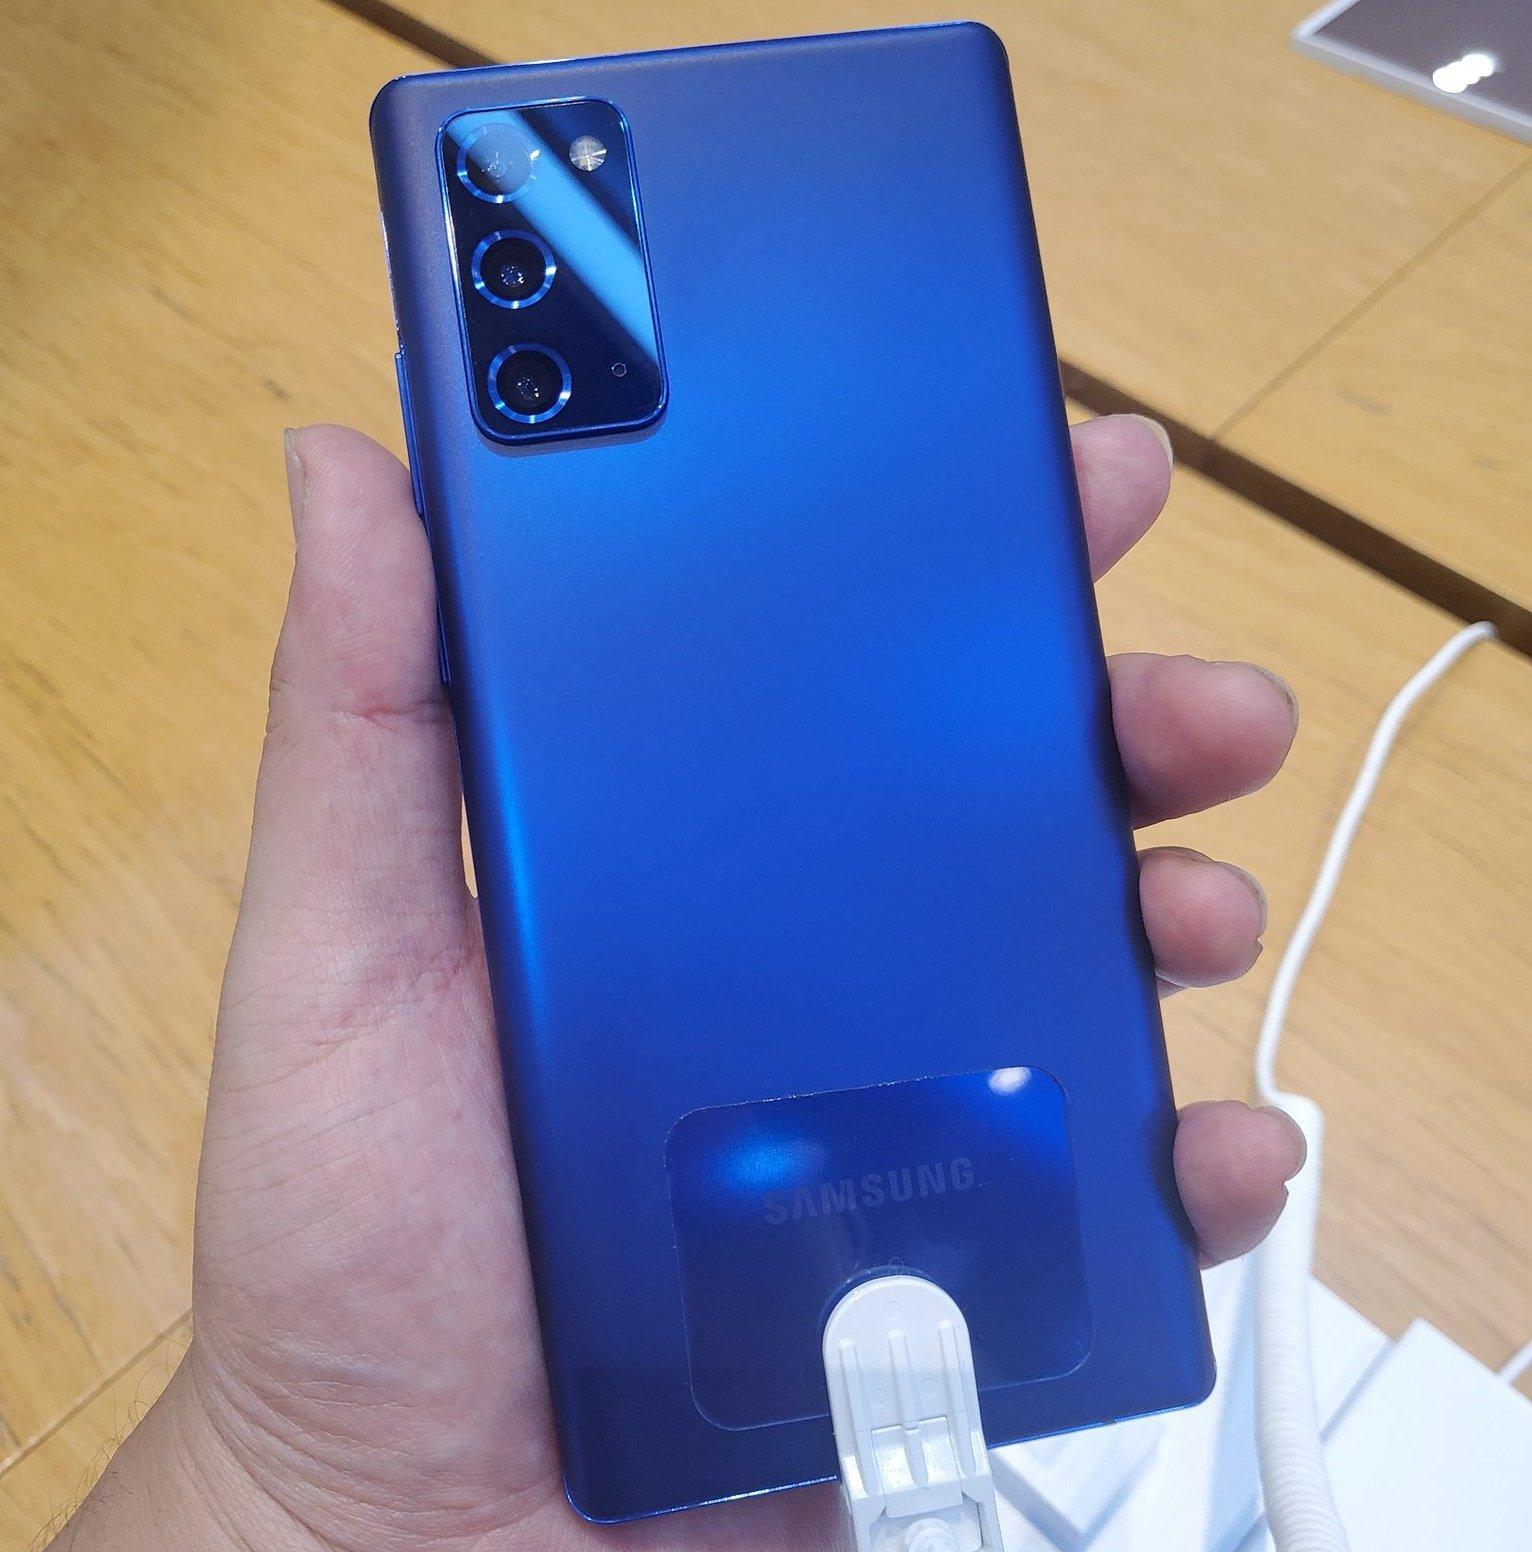 گوشی جدید سامسونگ گلکسی نوت 20 با سه رنگ قرمز ، آبی و صورتی عرضه می شود رنگ های نوت 20